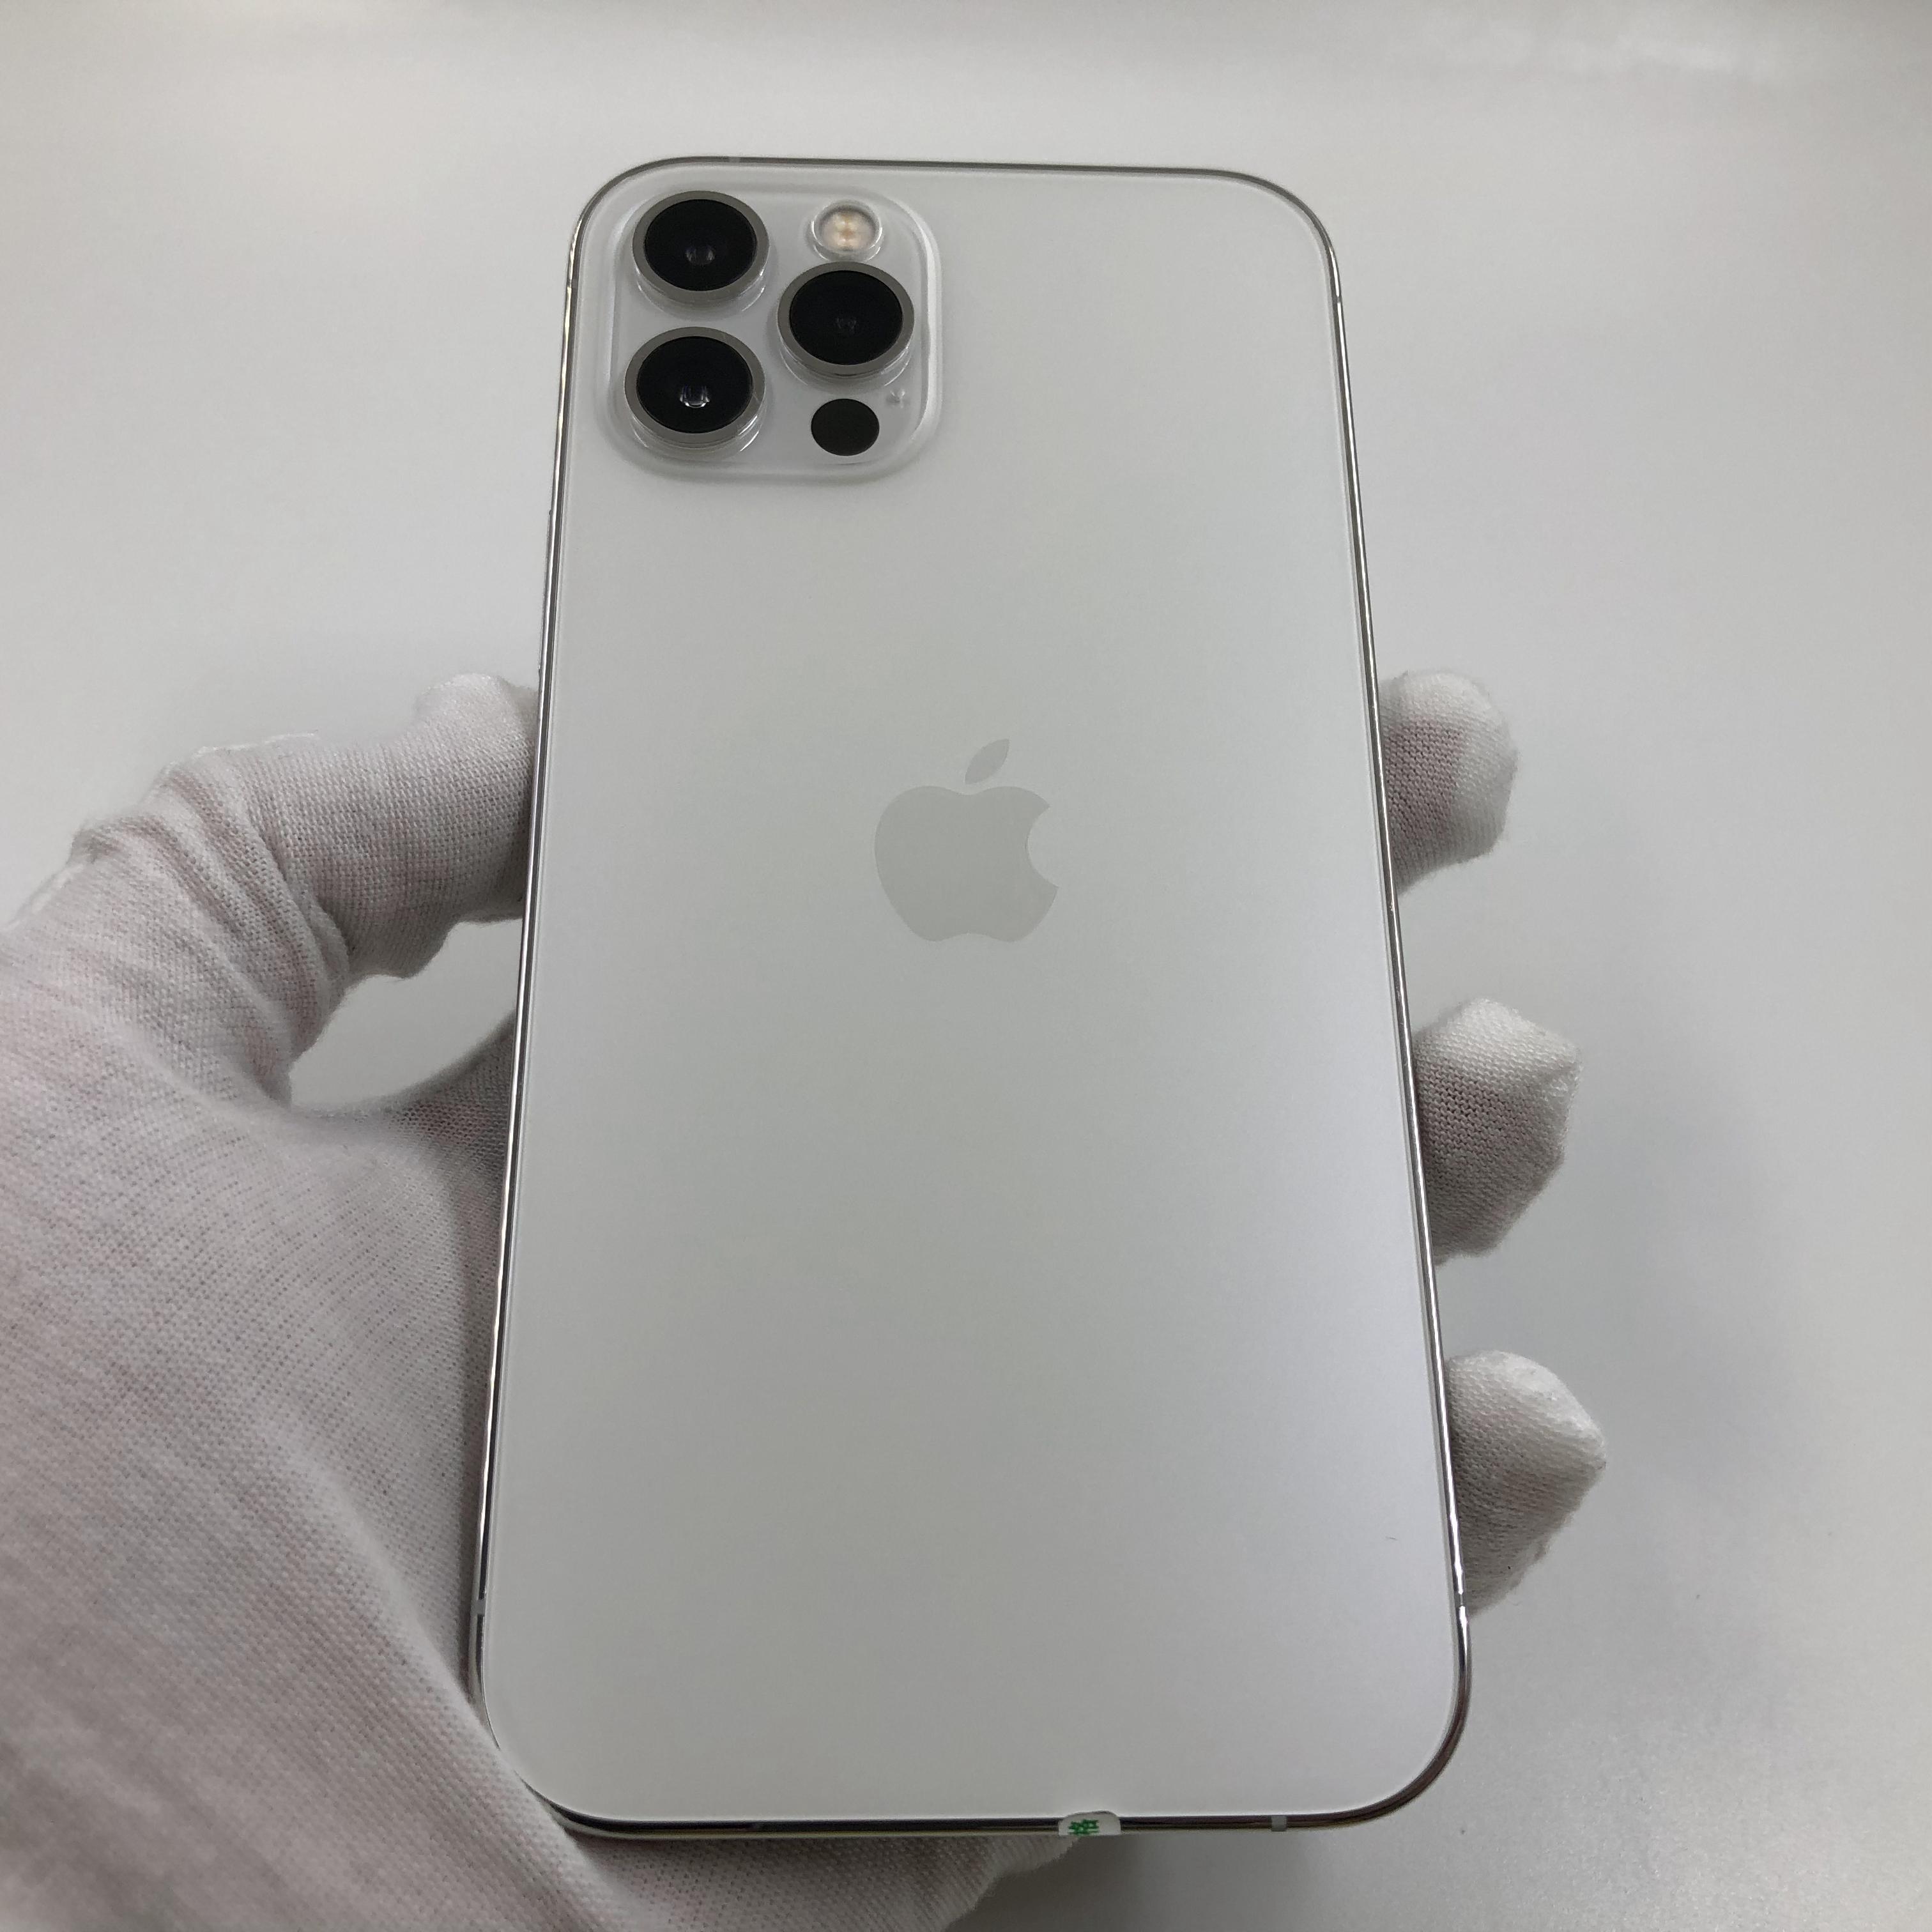 苹果【iPhone 12 Pro】5G全网通 银色 128G 国行 95新 真机实拍官保2022-04-30